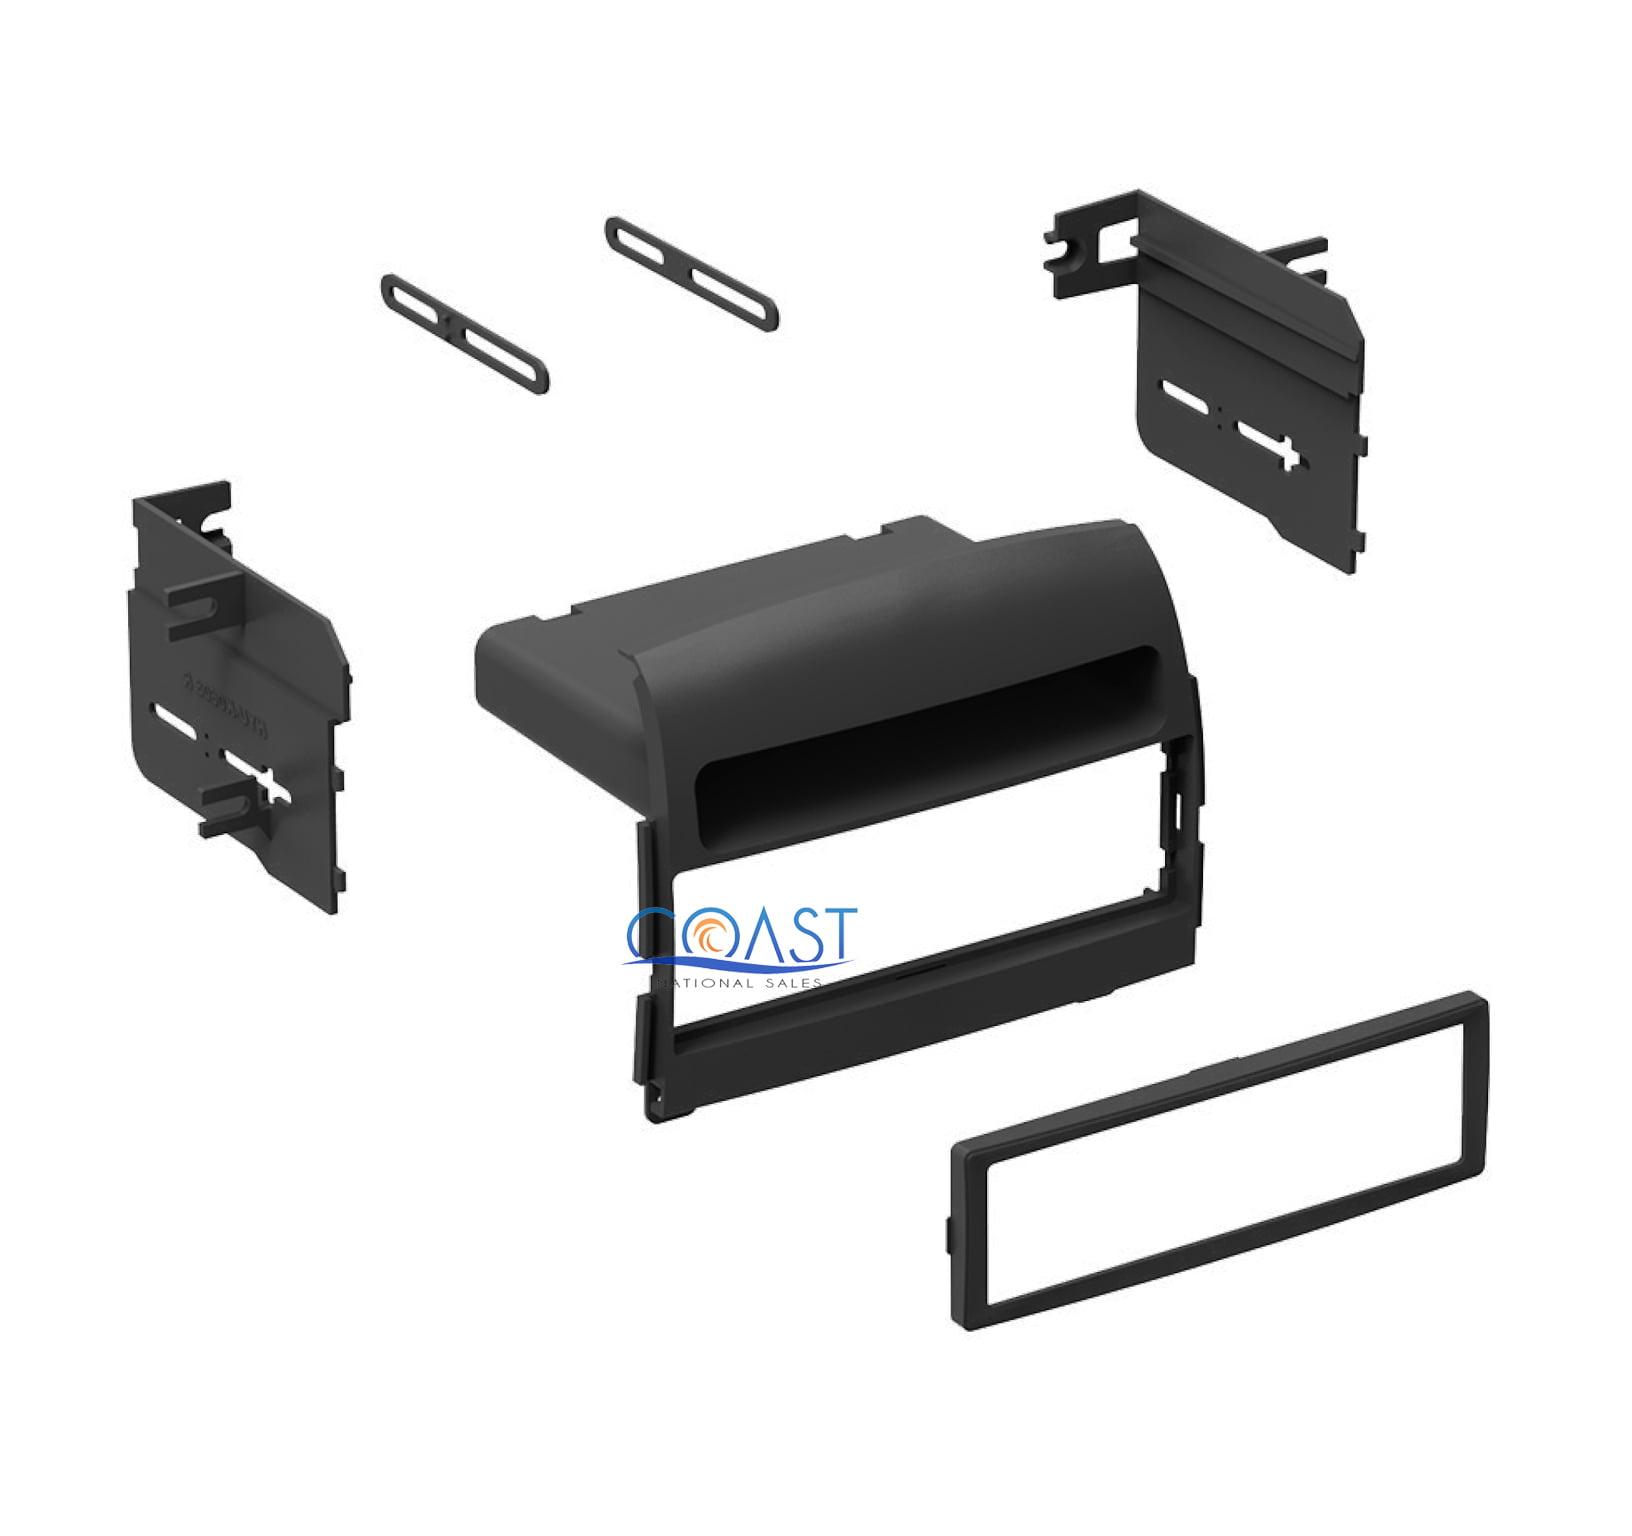 Single DIN Car Radio Stereo Dash Kit w/ pocket for 2006-2008 Hyundai Sonata